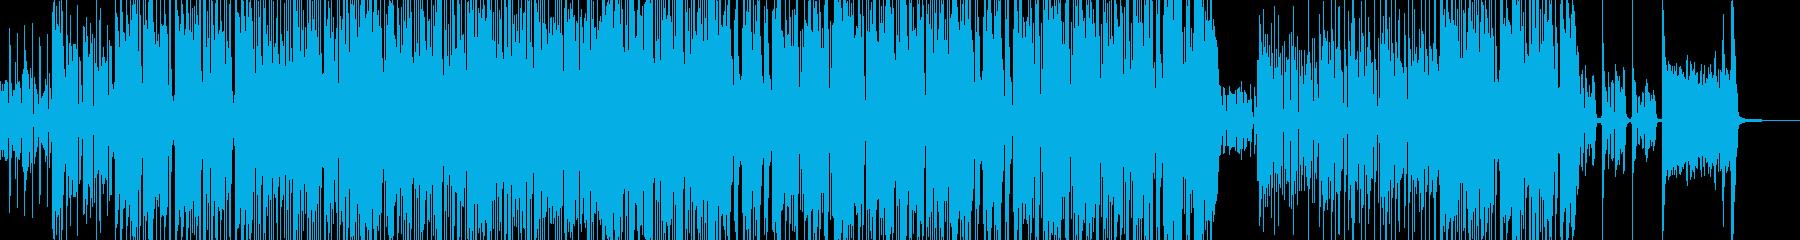 賑やかでハイテンションなスカポップ Aの再生済みの波形